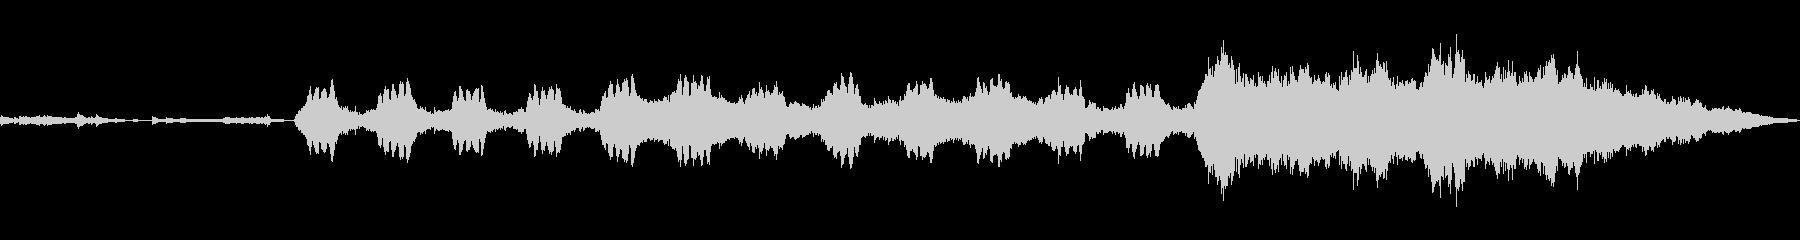 フルートの音色から始まる緊張感のある曲の未再生の波形